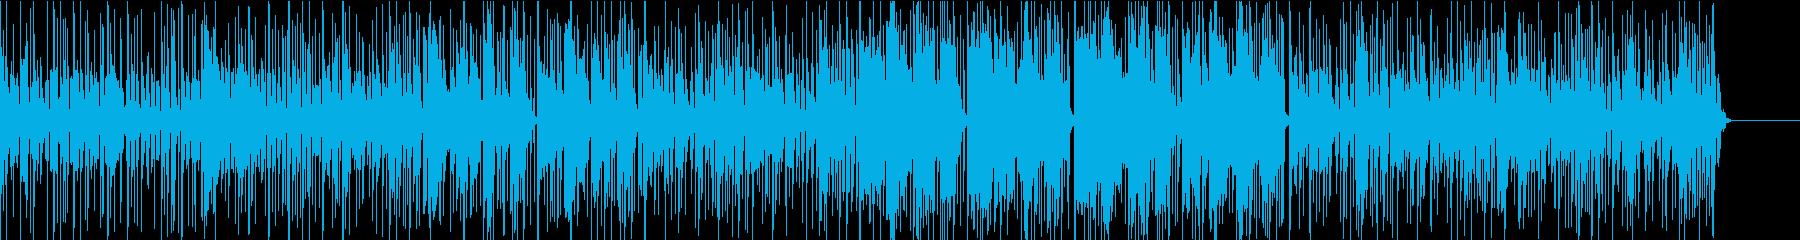 日常の喧騒を忘れさせるような涼しげな曲の再生済みの波形